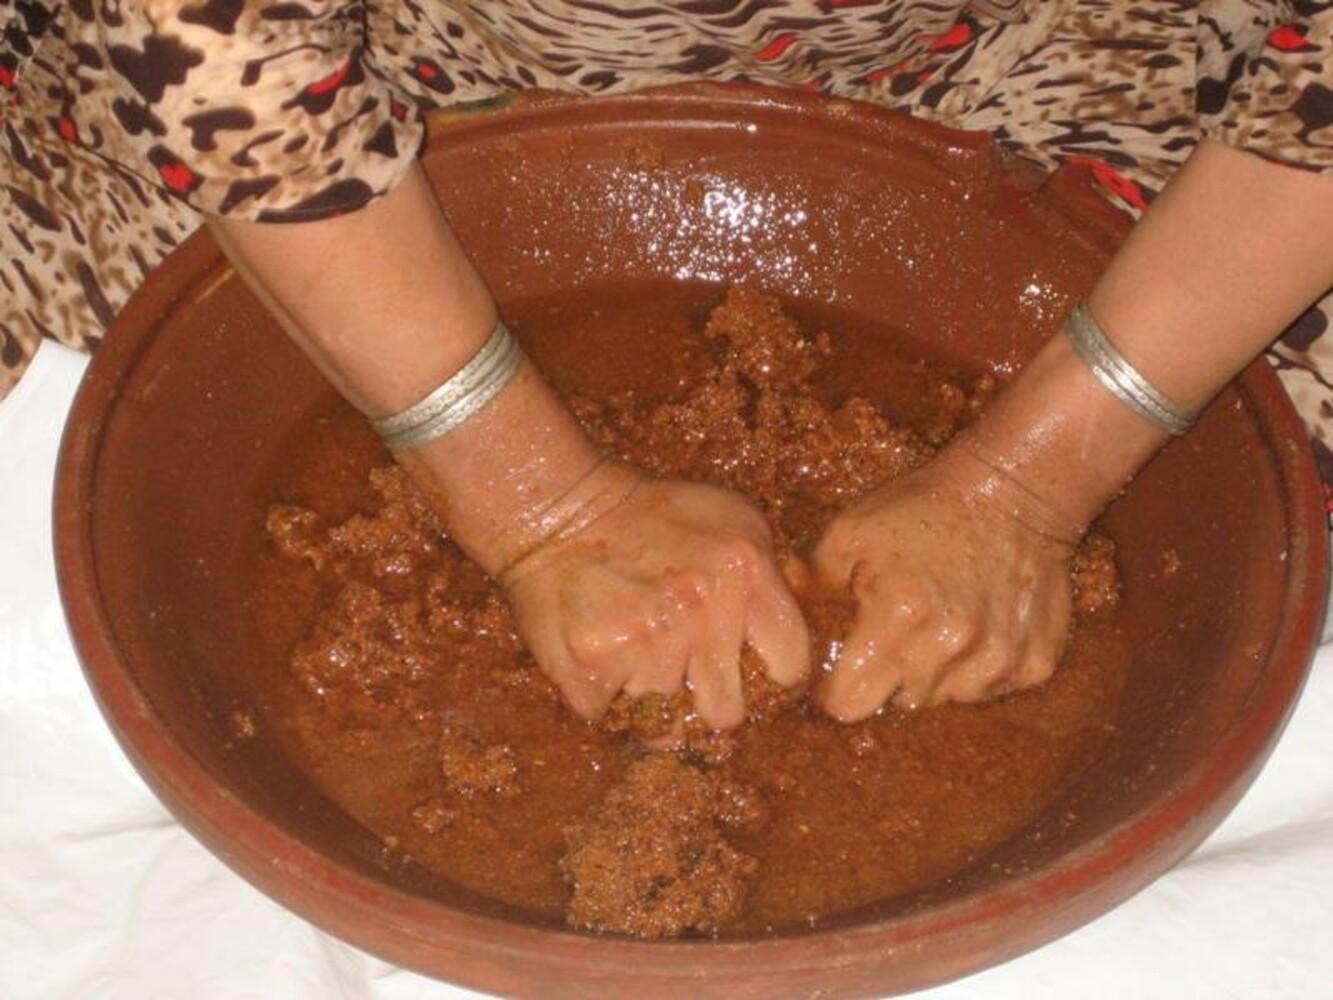 Marocco: Viaggio nei sensi - profumo d'argan